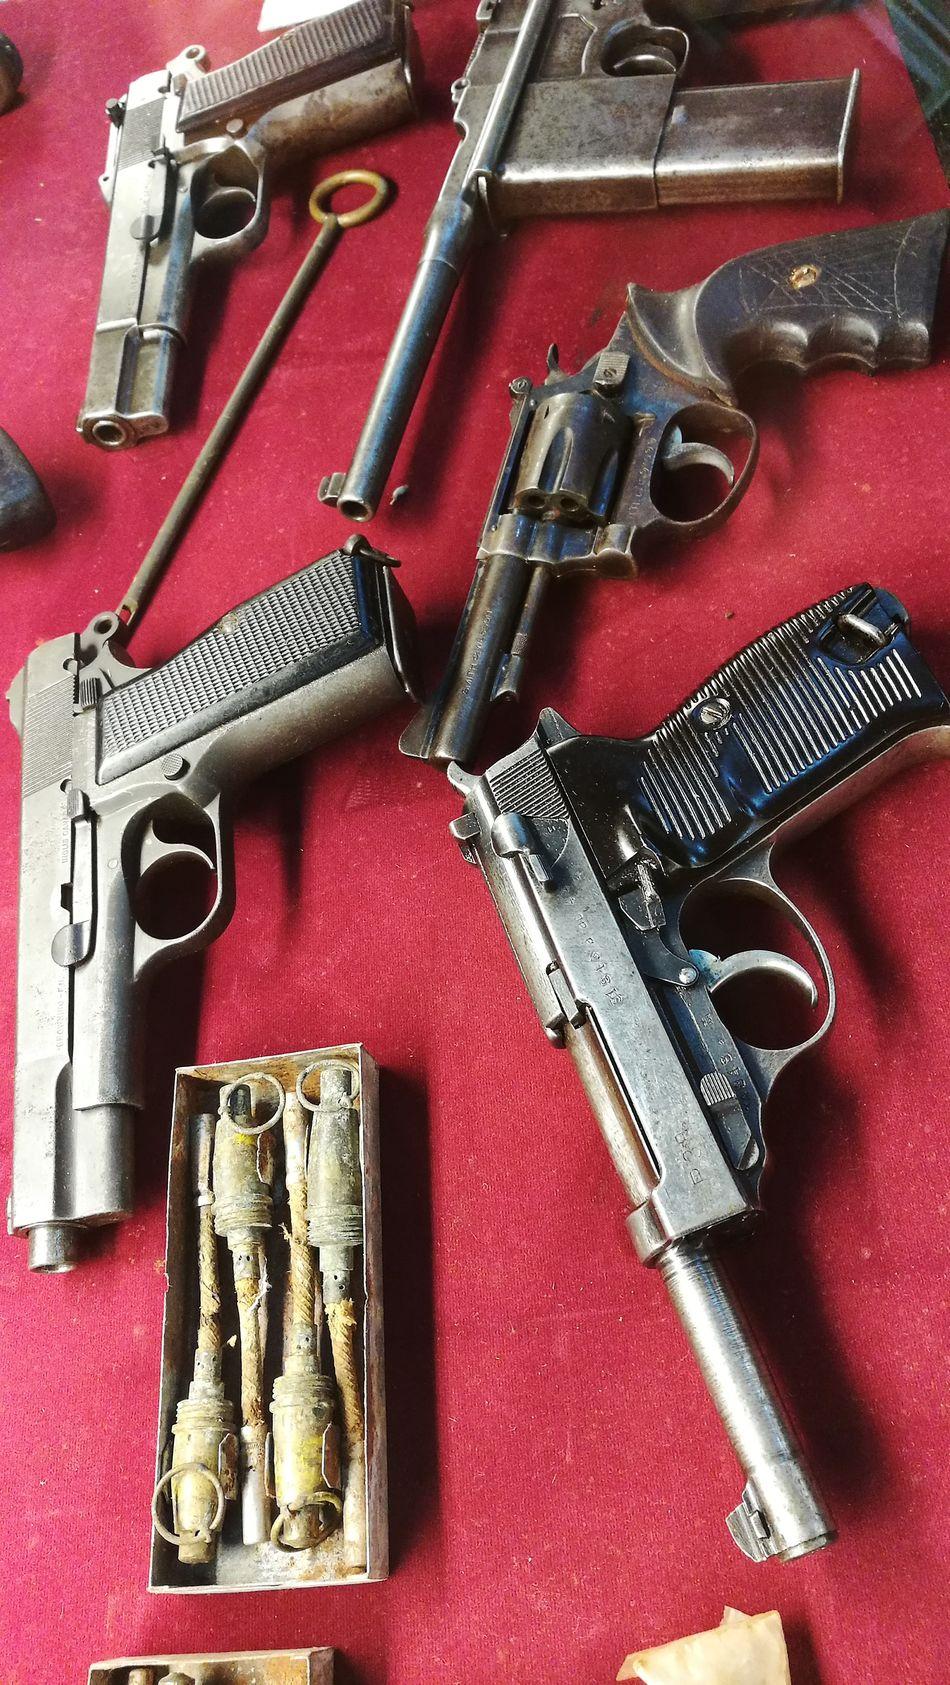 Guns Equipment Close-up War Shoot Weapon Weapons Of War